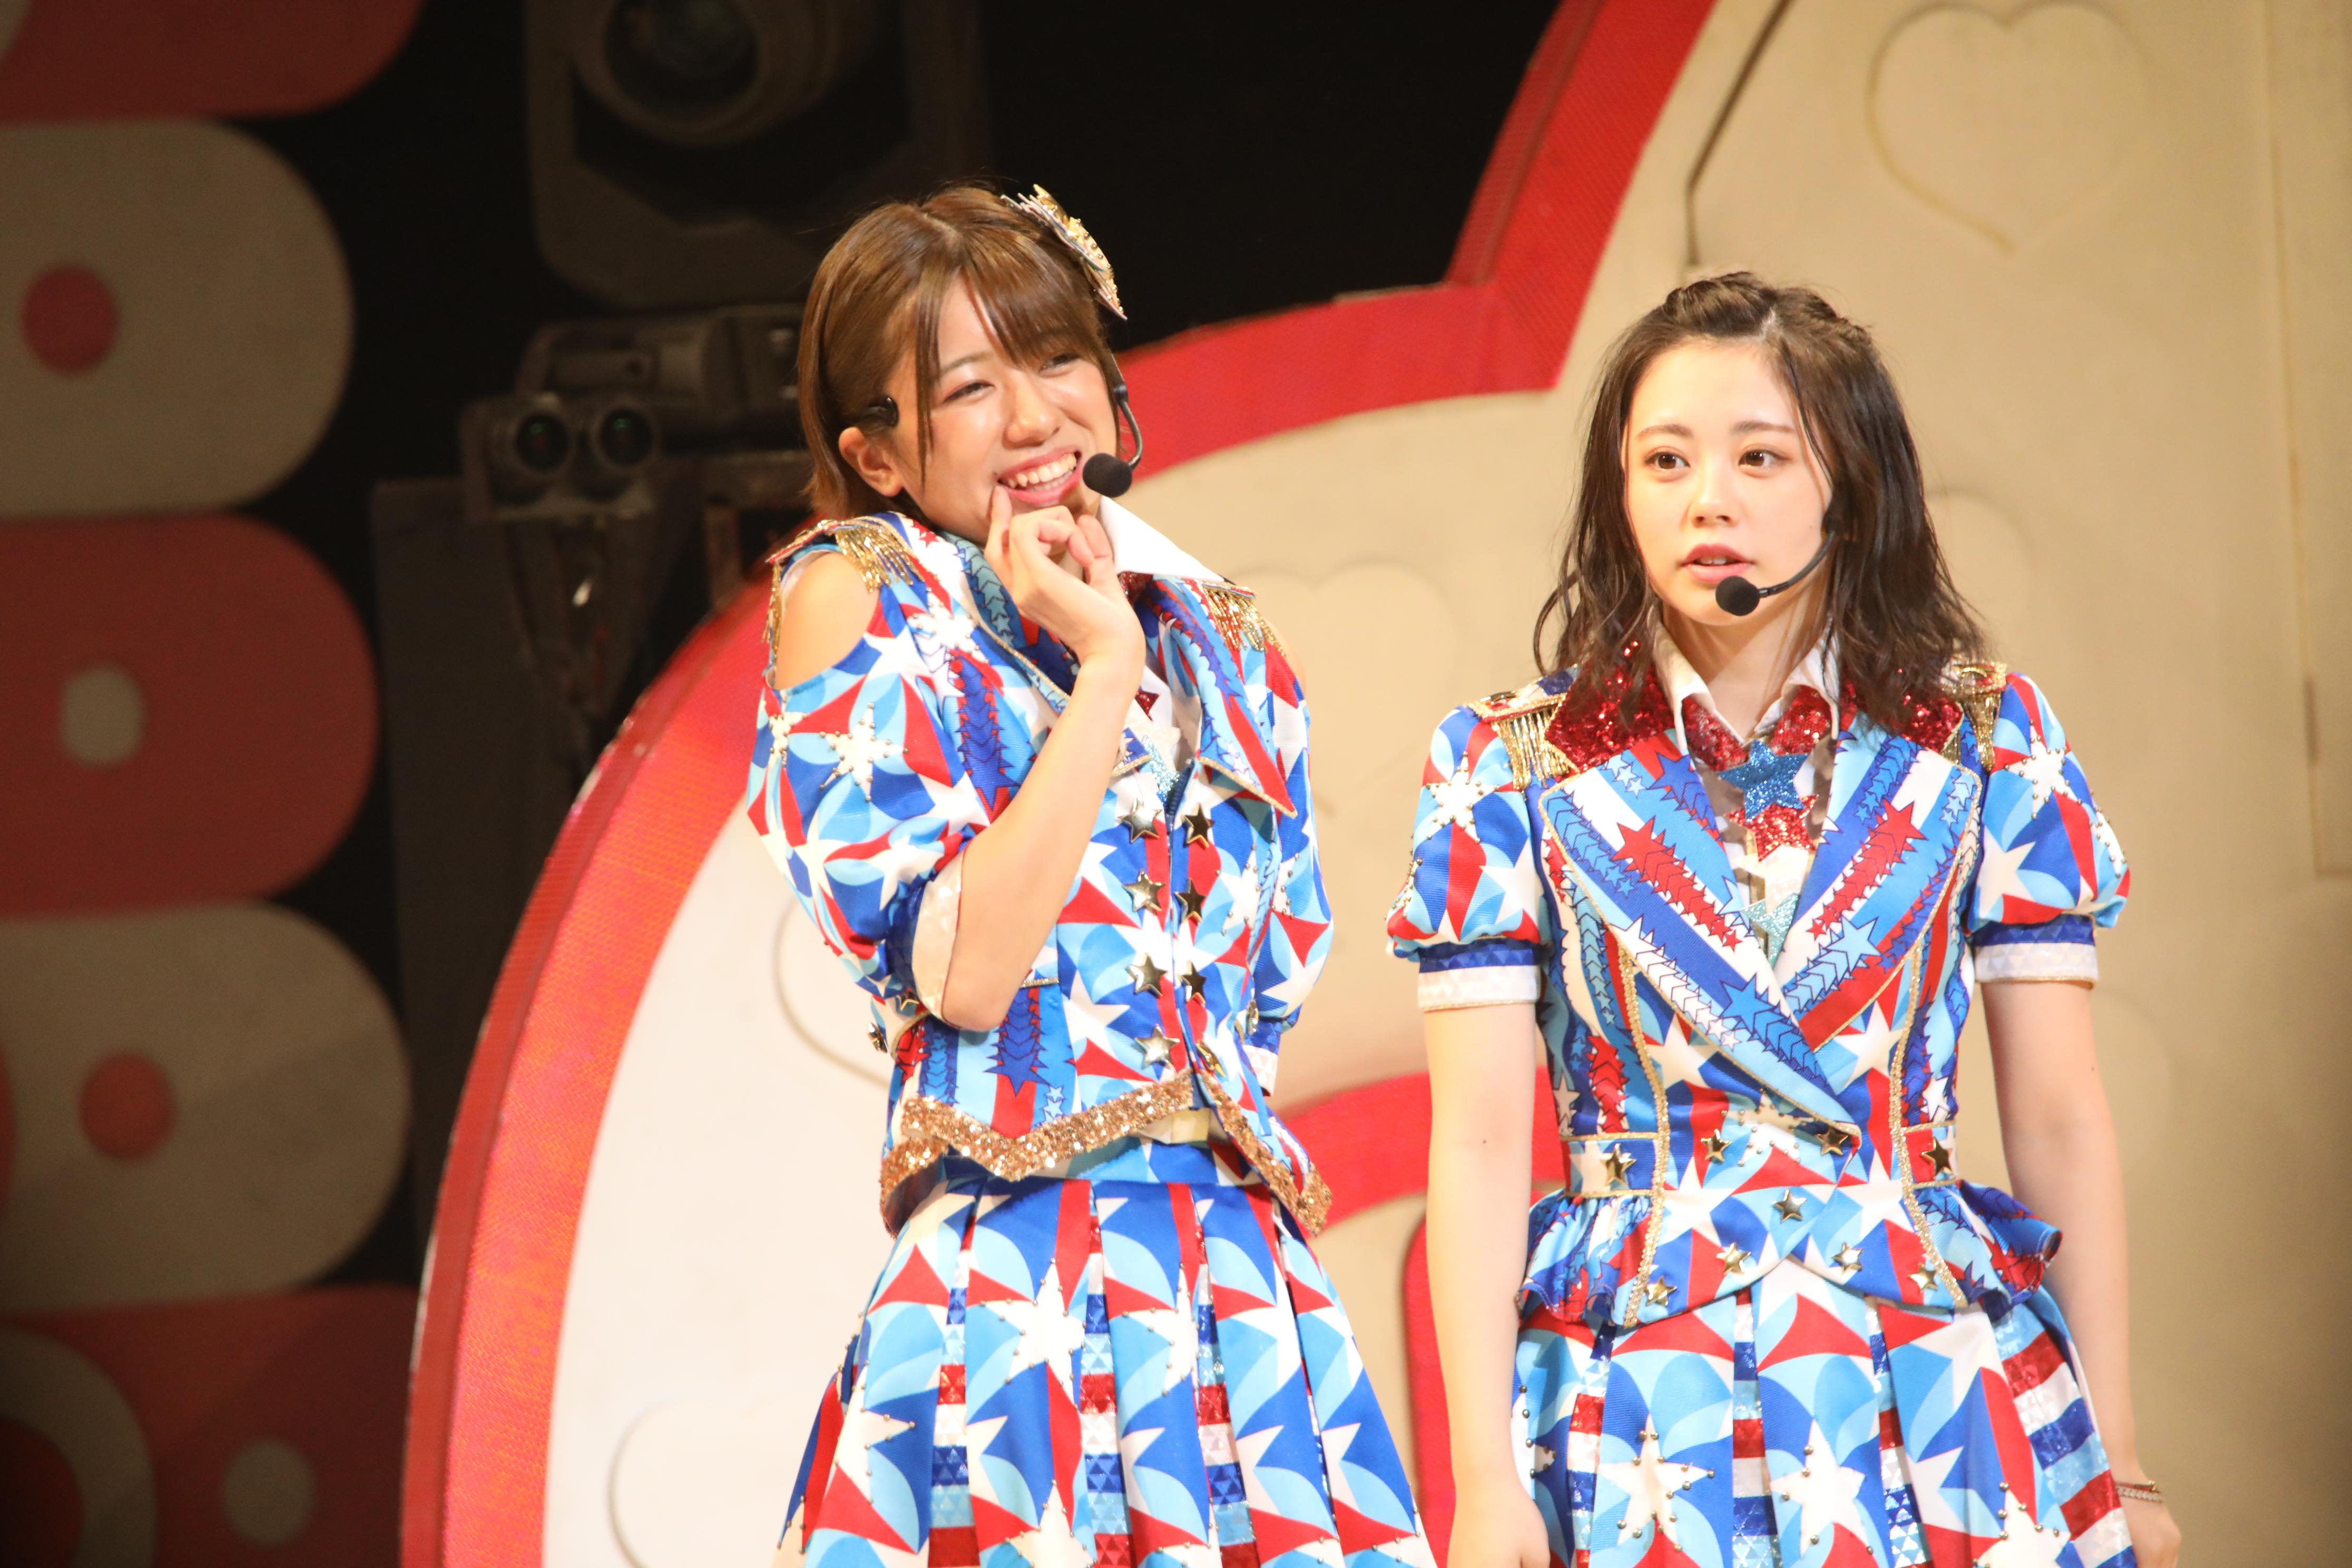 大西桃香と濵咲友菜「大西とチューしたい人、この指とまれ!」